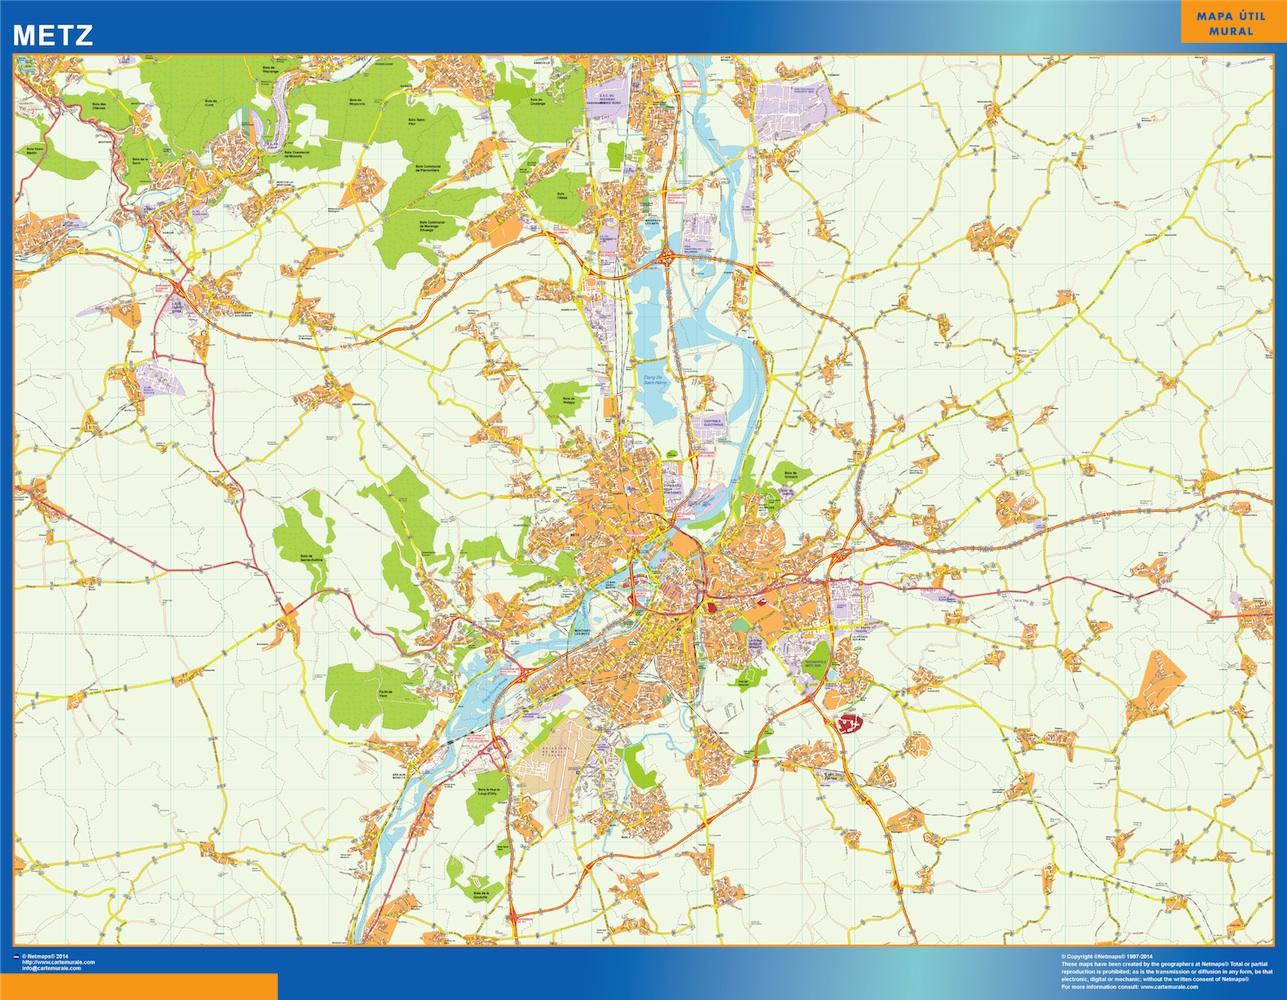 metz map